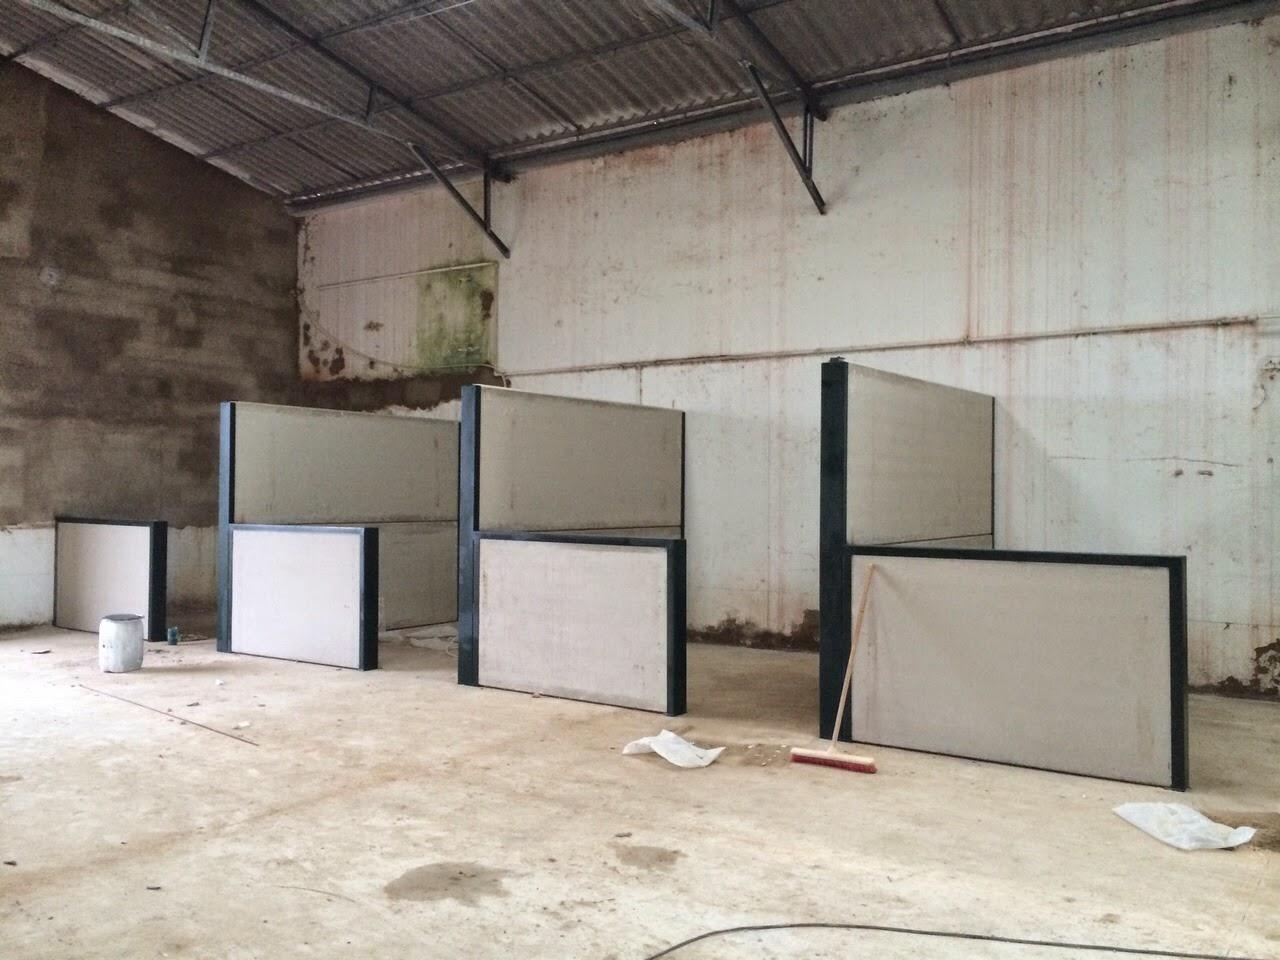 placas prefabricadas de hormig n macizas en blanco